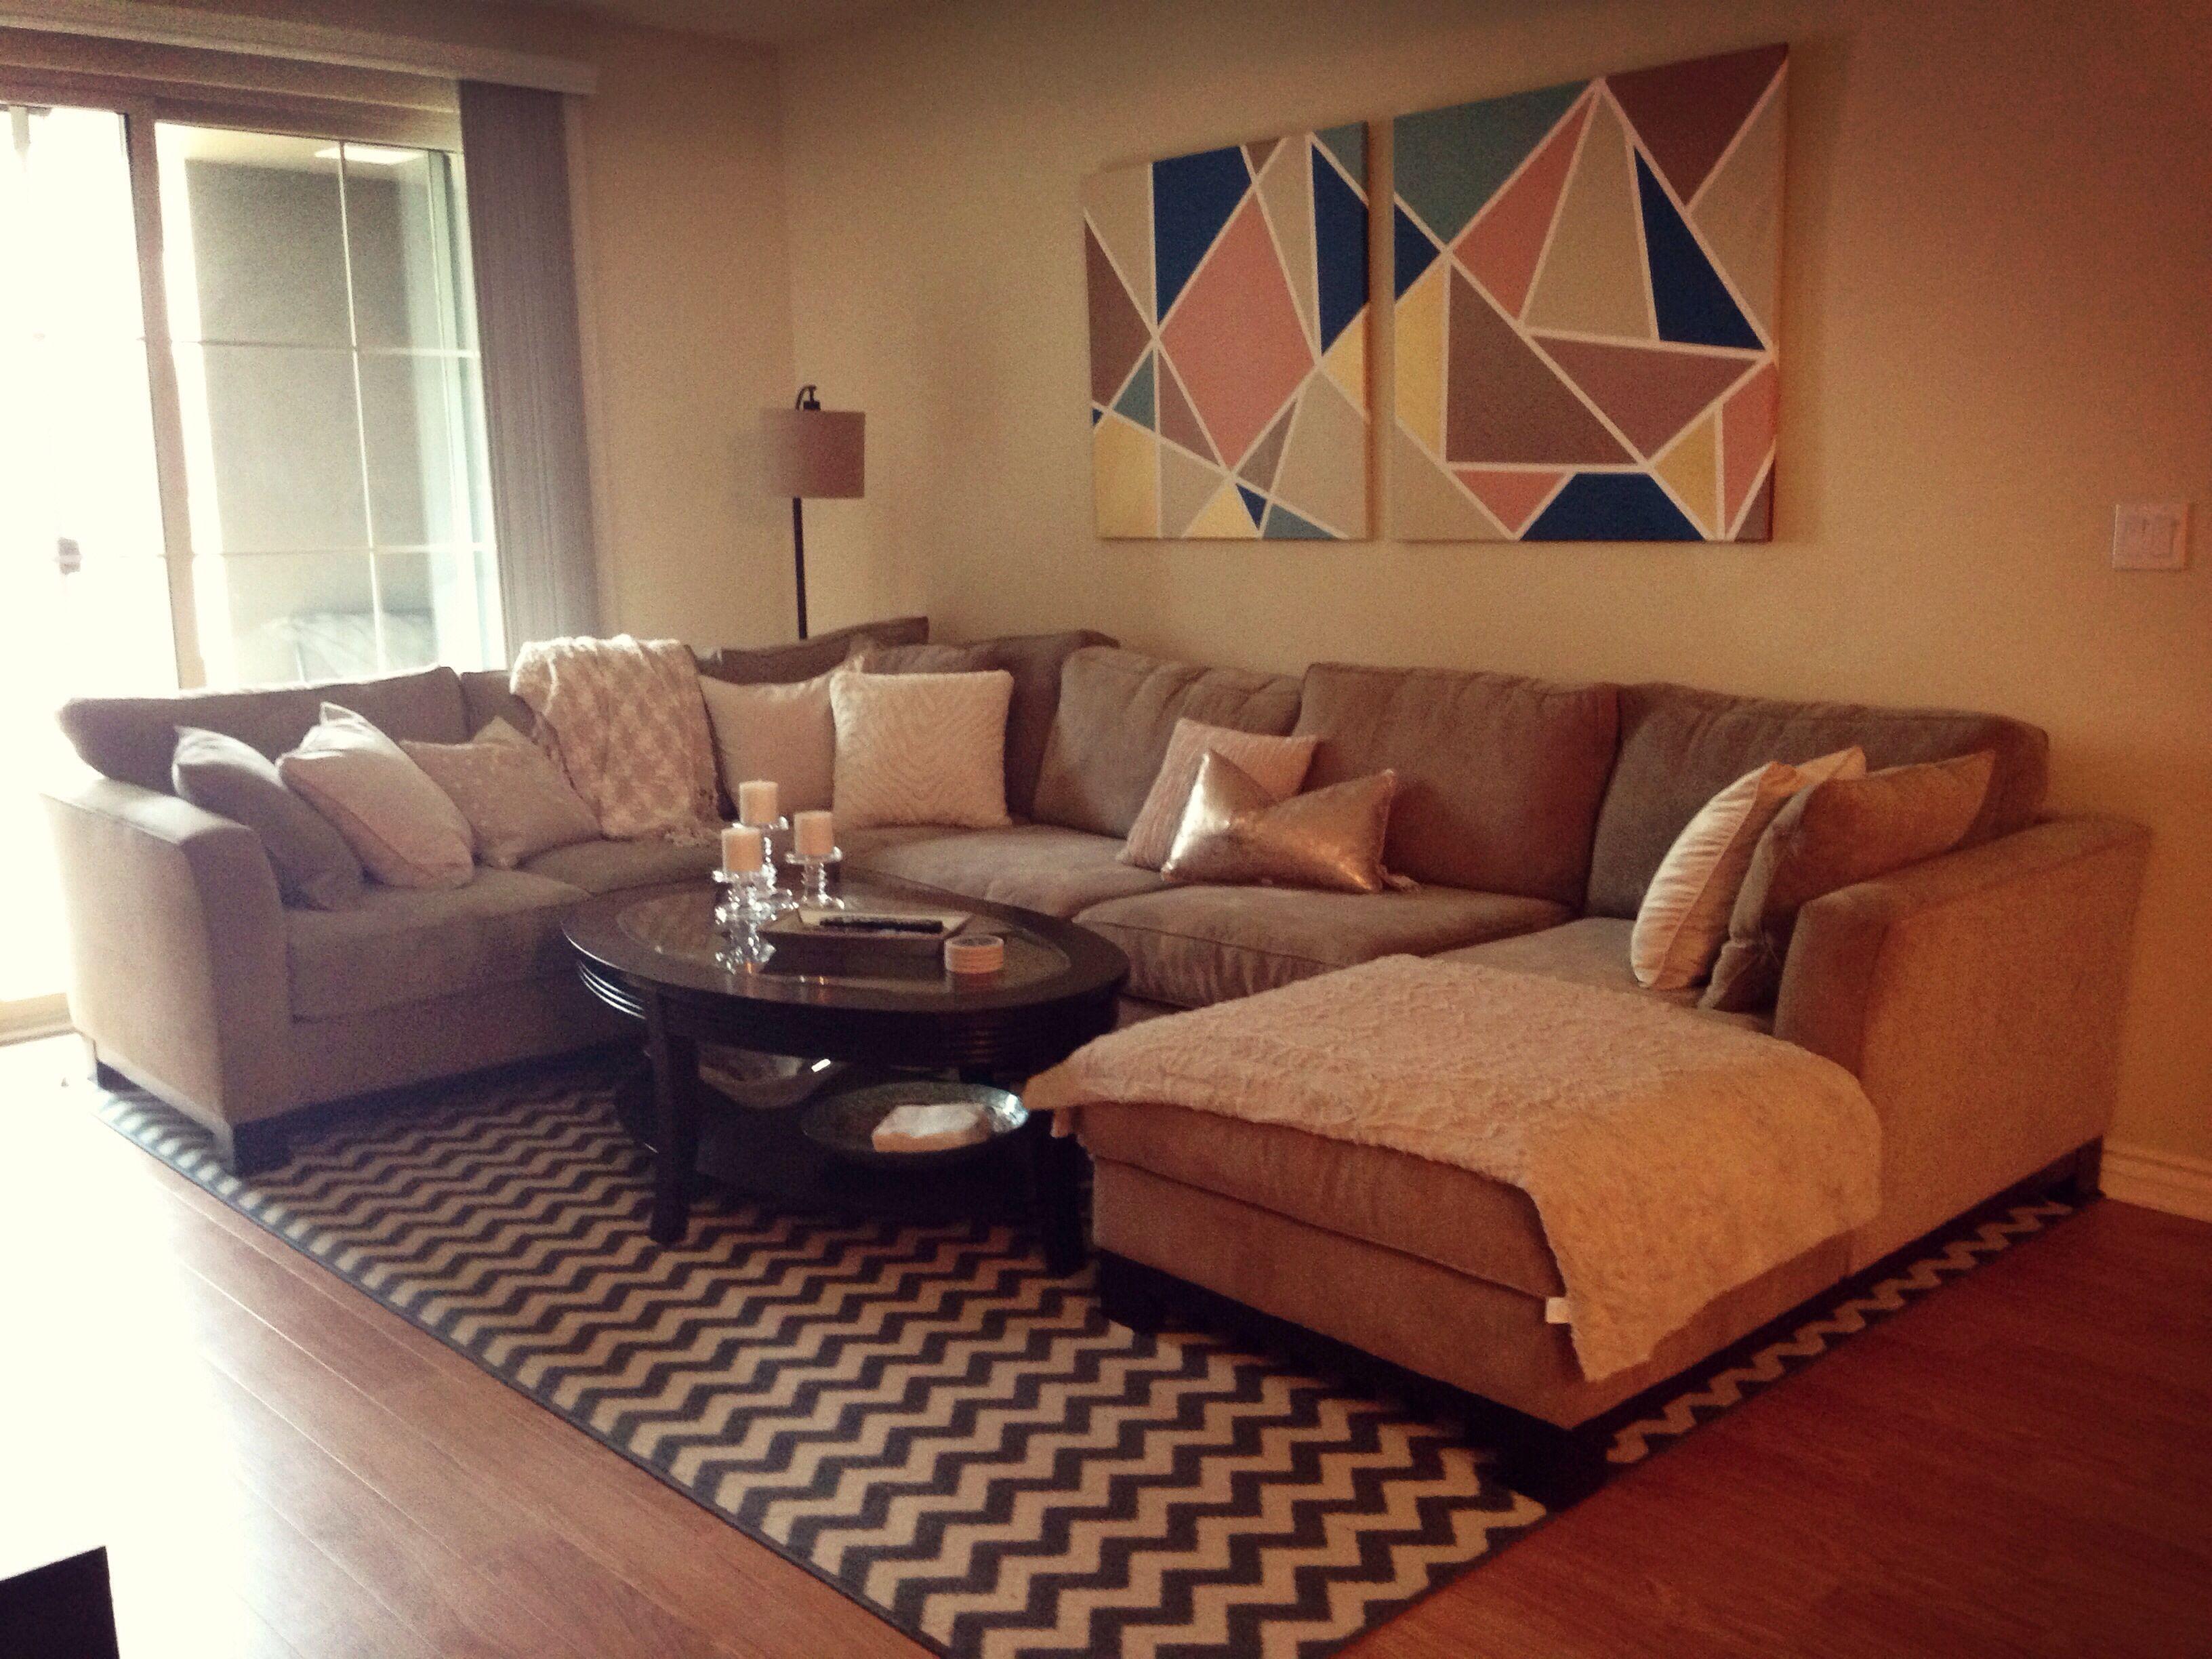 Imaginecozy Staging A Kitchen: Color Meets Cozy, Apartment Decor